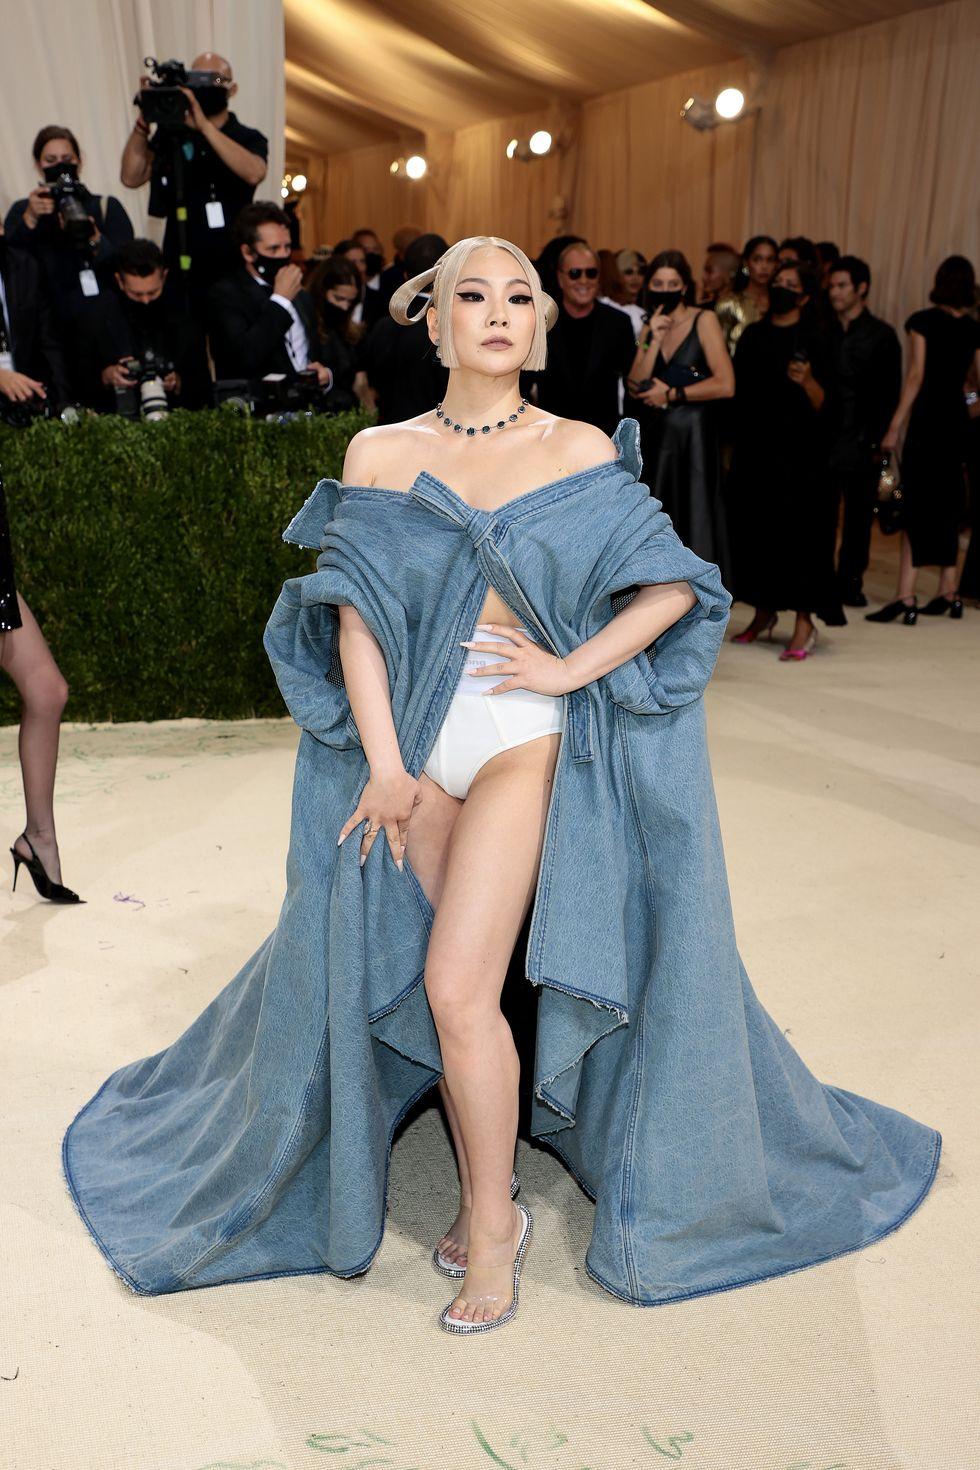 CL cũng góp mặt trong danh sách của Cosmopolitan với bộ trang phục khoe nội y. Lần đầu dự Met Gala, sao Hàn Quốc chặt chém không kém sao ngoại khi diện áo choàng denim của Alexander Wang. Thân dưới, cô mặc quần nội y kiểu thể thao, khoét hông cao đầy táo bạo.